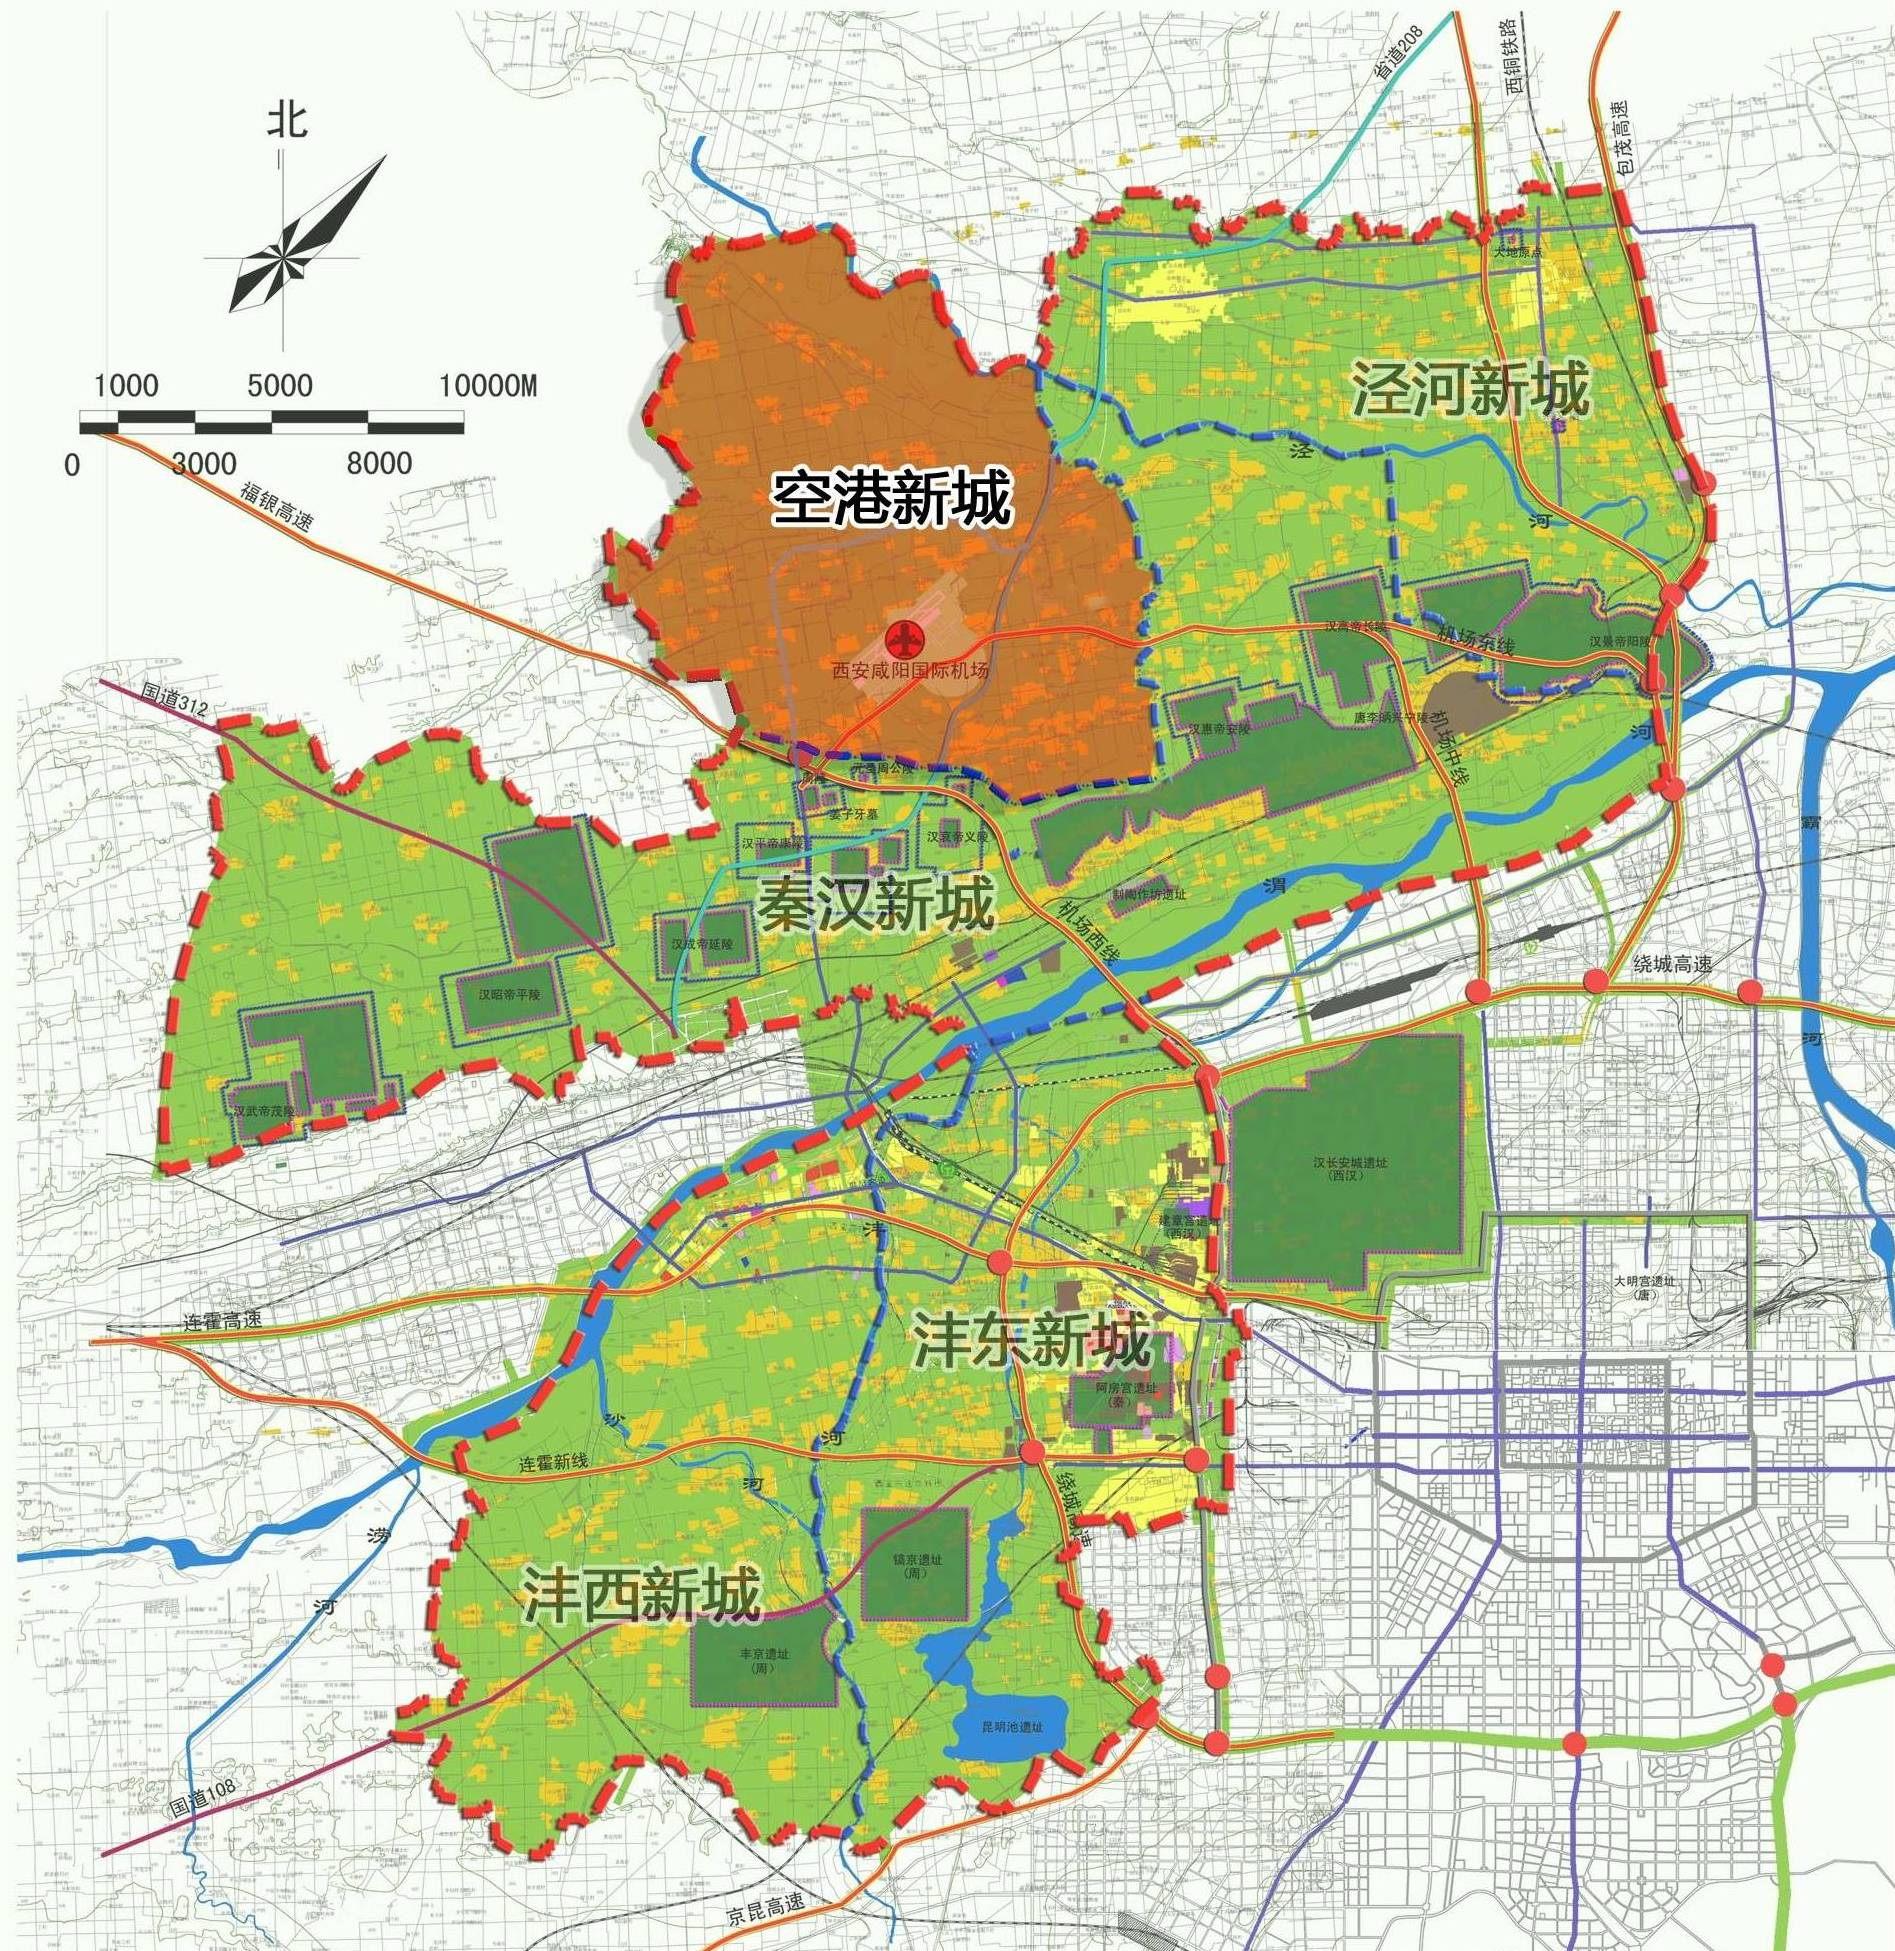 空港新城规划图-西咸新区 西咸新区 qq2936695267